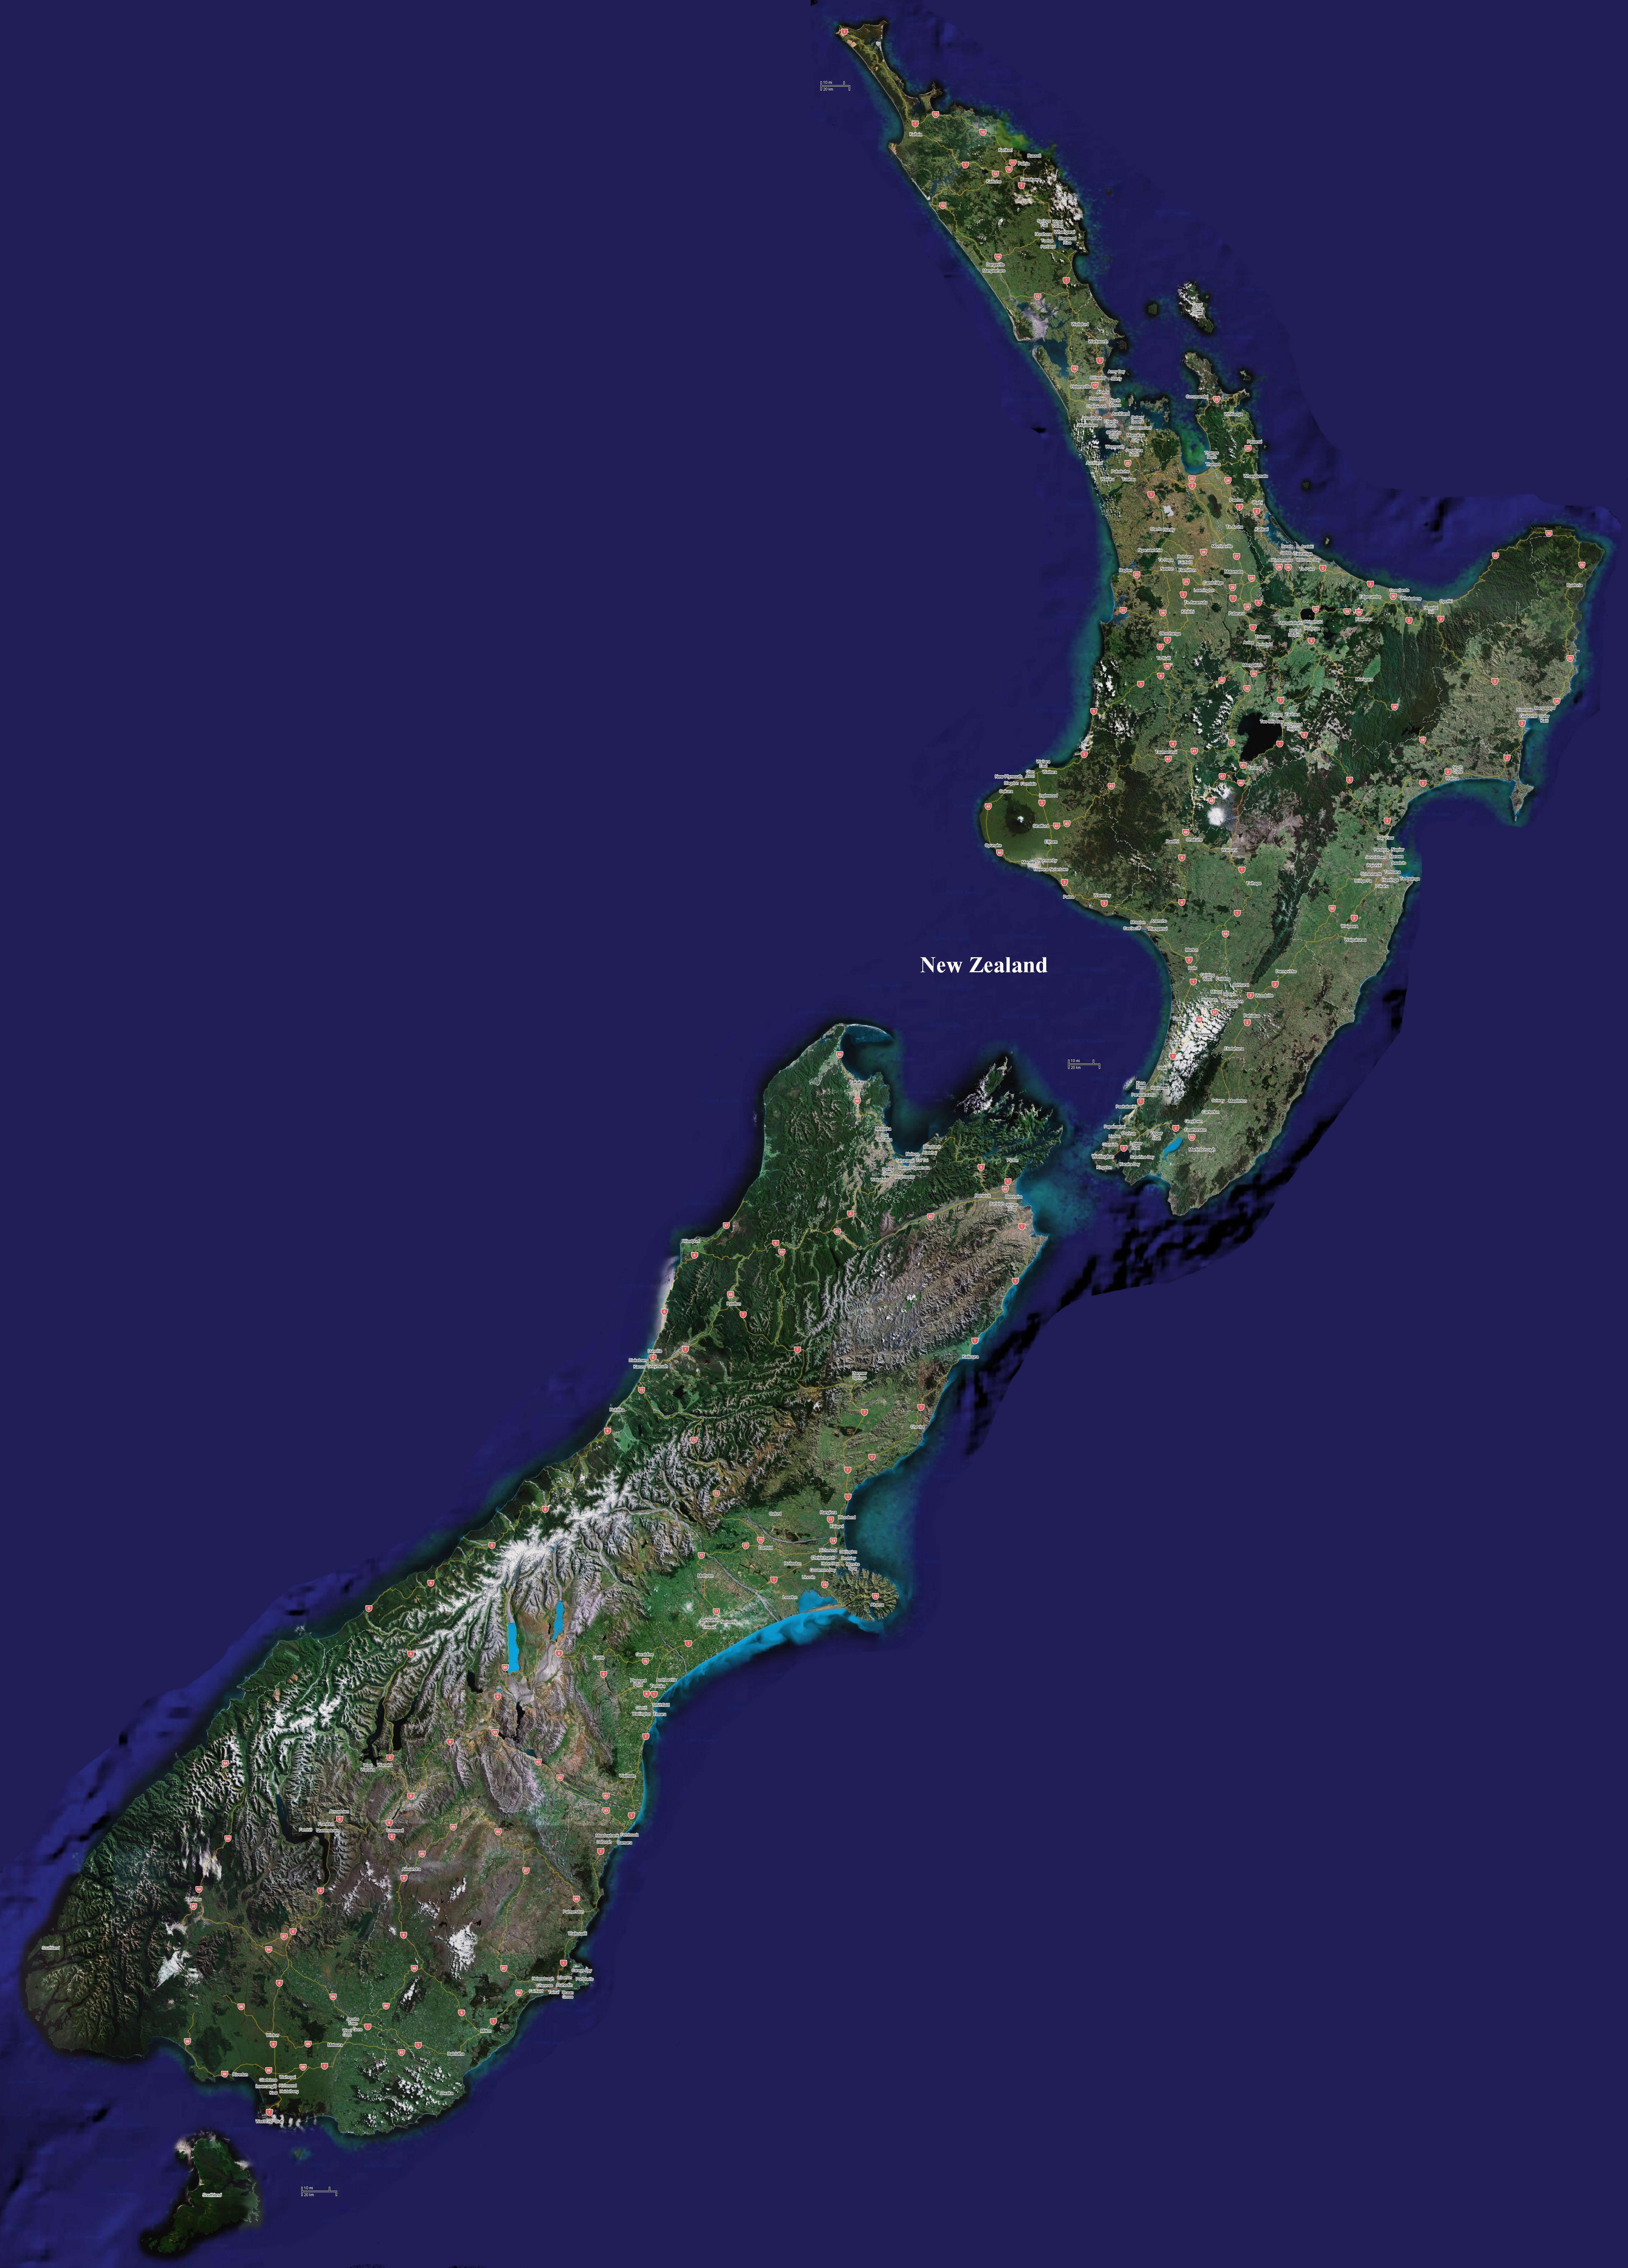 Carte Google Earth de la Nouvelle-Zélande